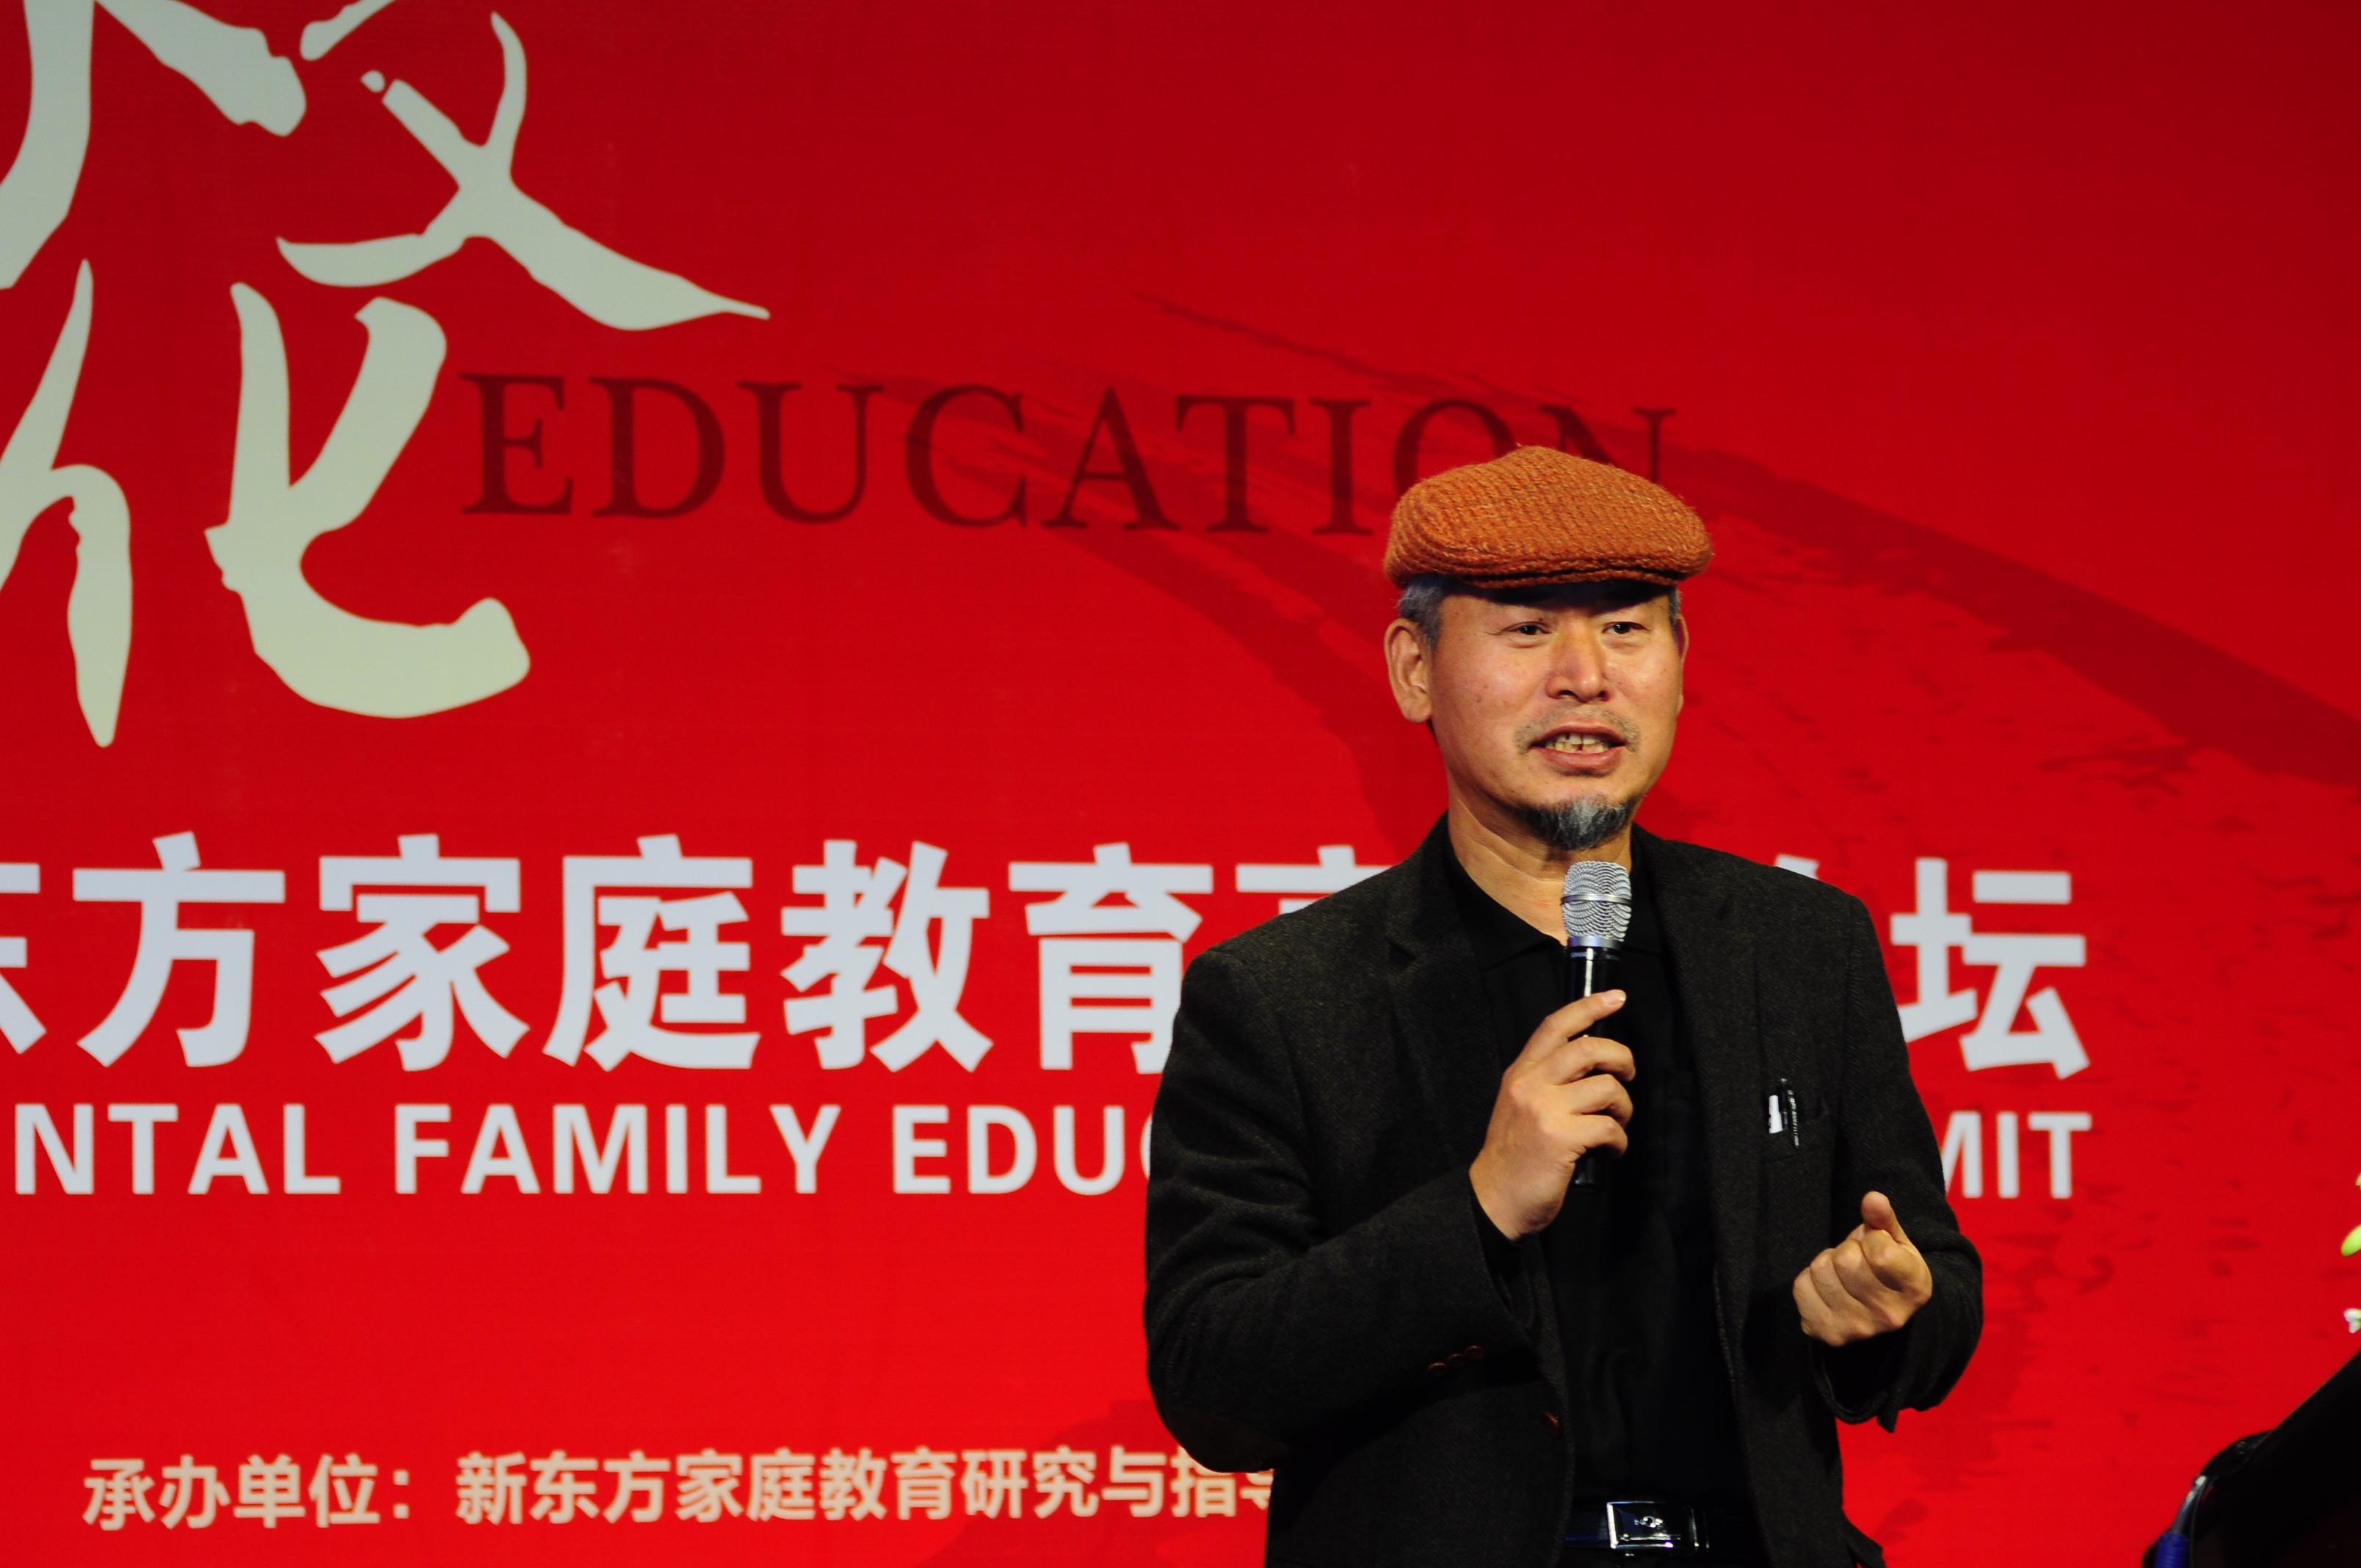 第六届新东方家庭教育学前分论坛演讲嘉宾:权五珍